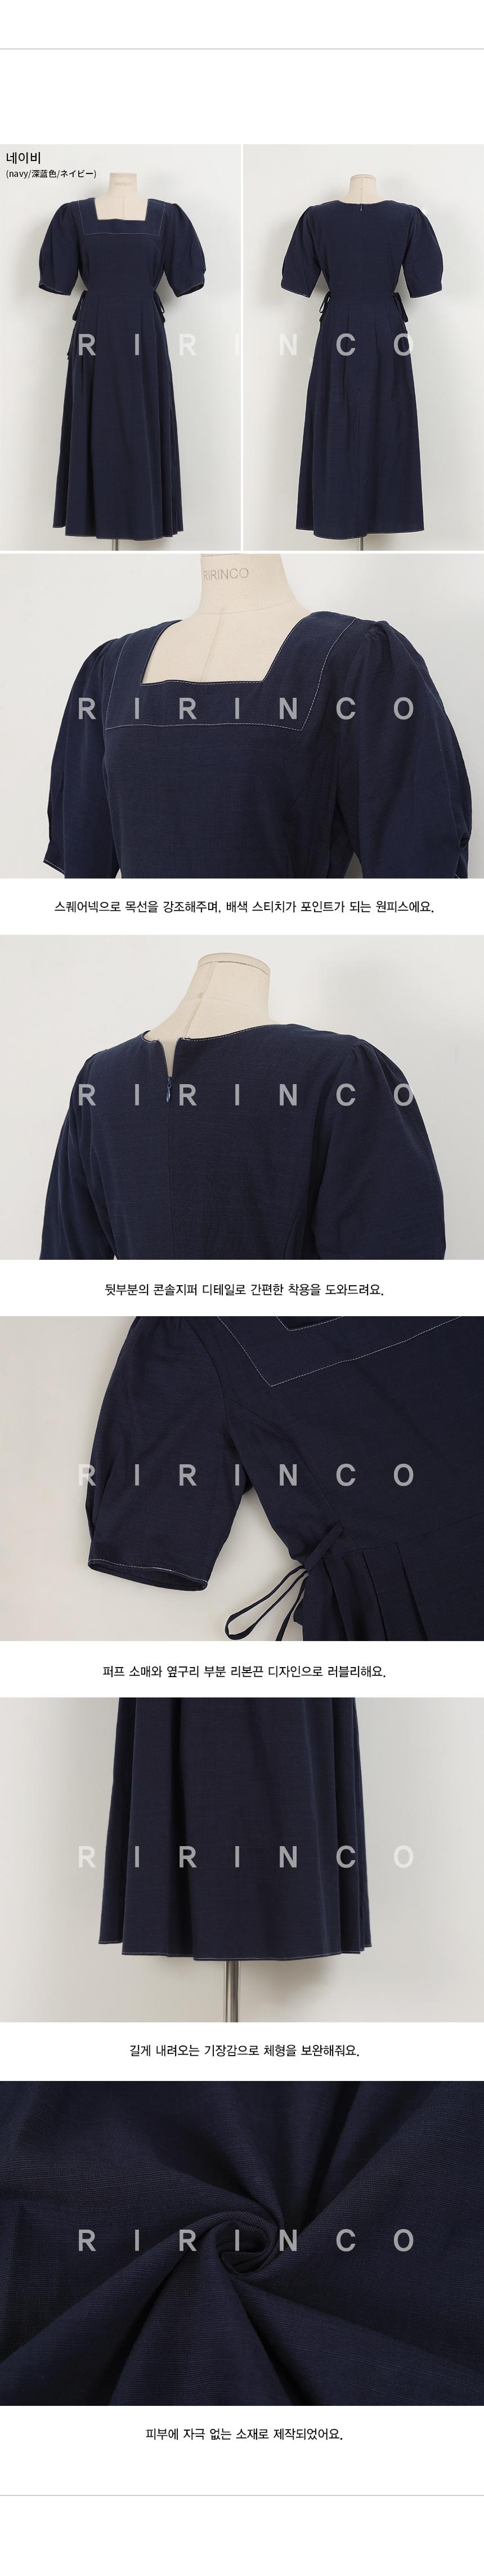 RIRINCO 配色ステッチリネン風ロングワンピース